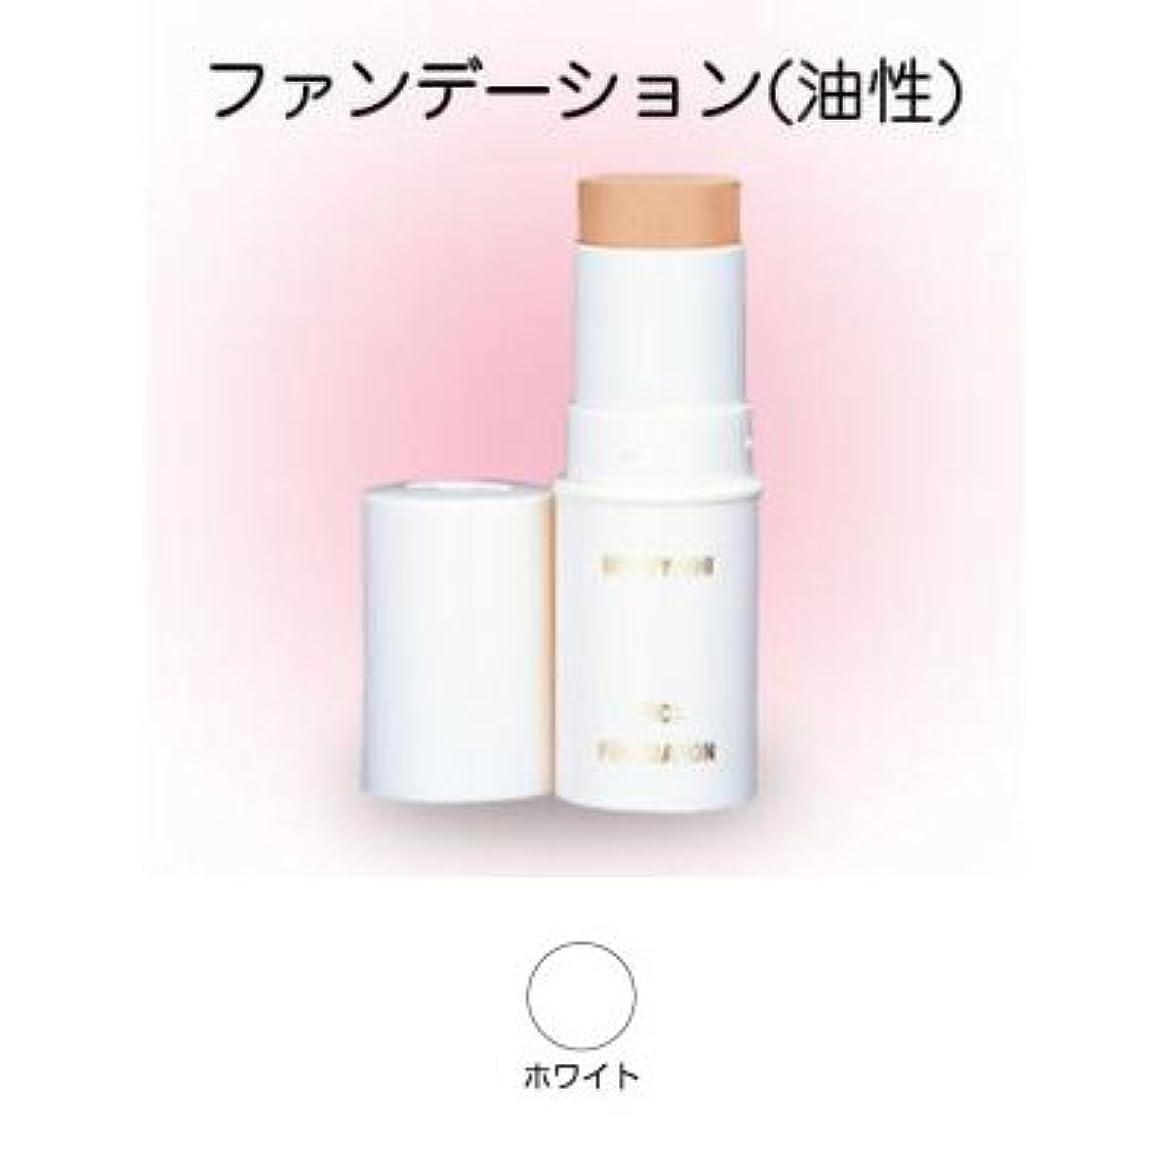 オングローバル放映スティックファンデーション 16g ホワイト 【三善】